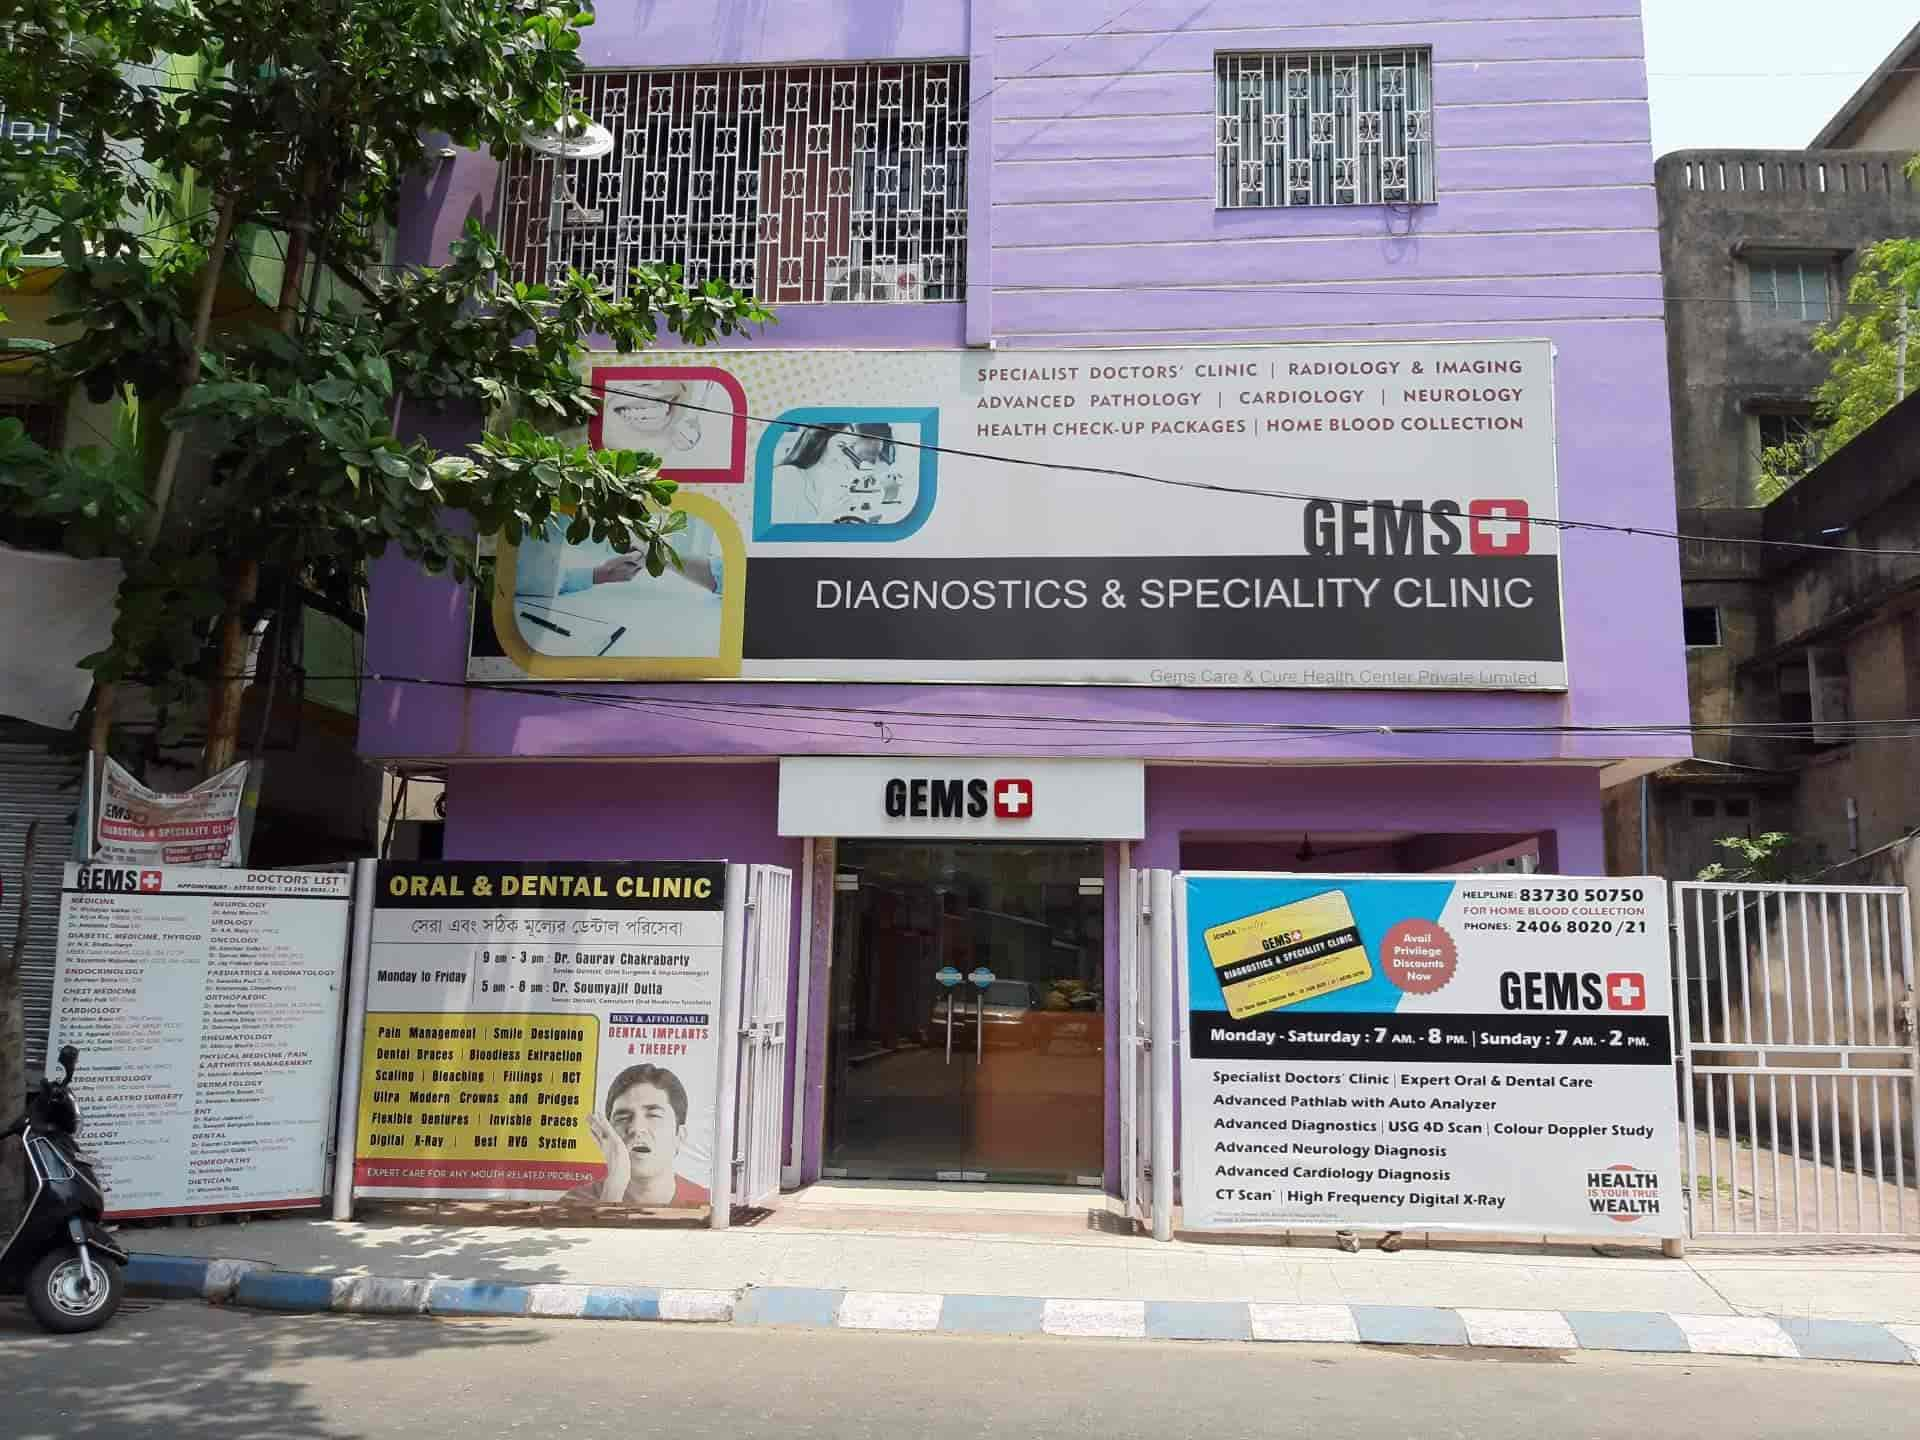 Gems - Diagnostics Speciality Clinic, Barisha - Diagnostic